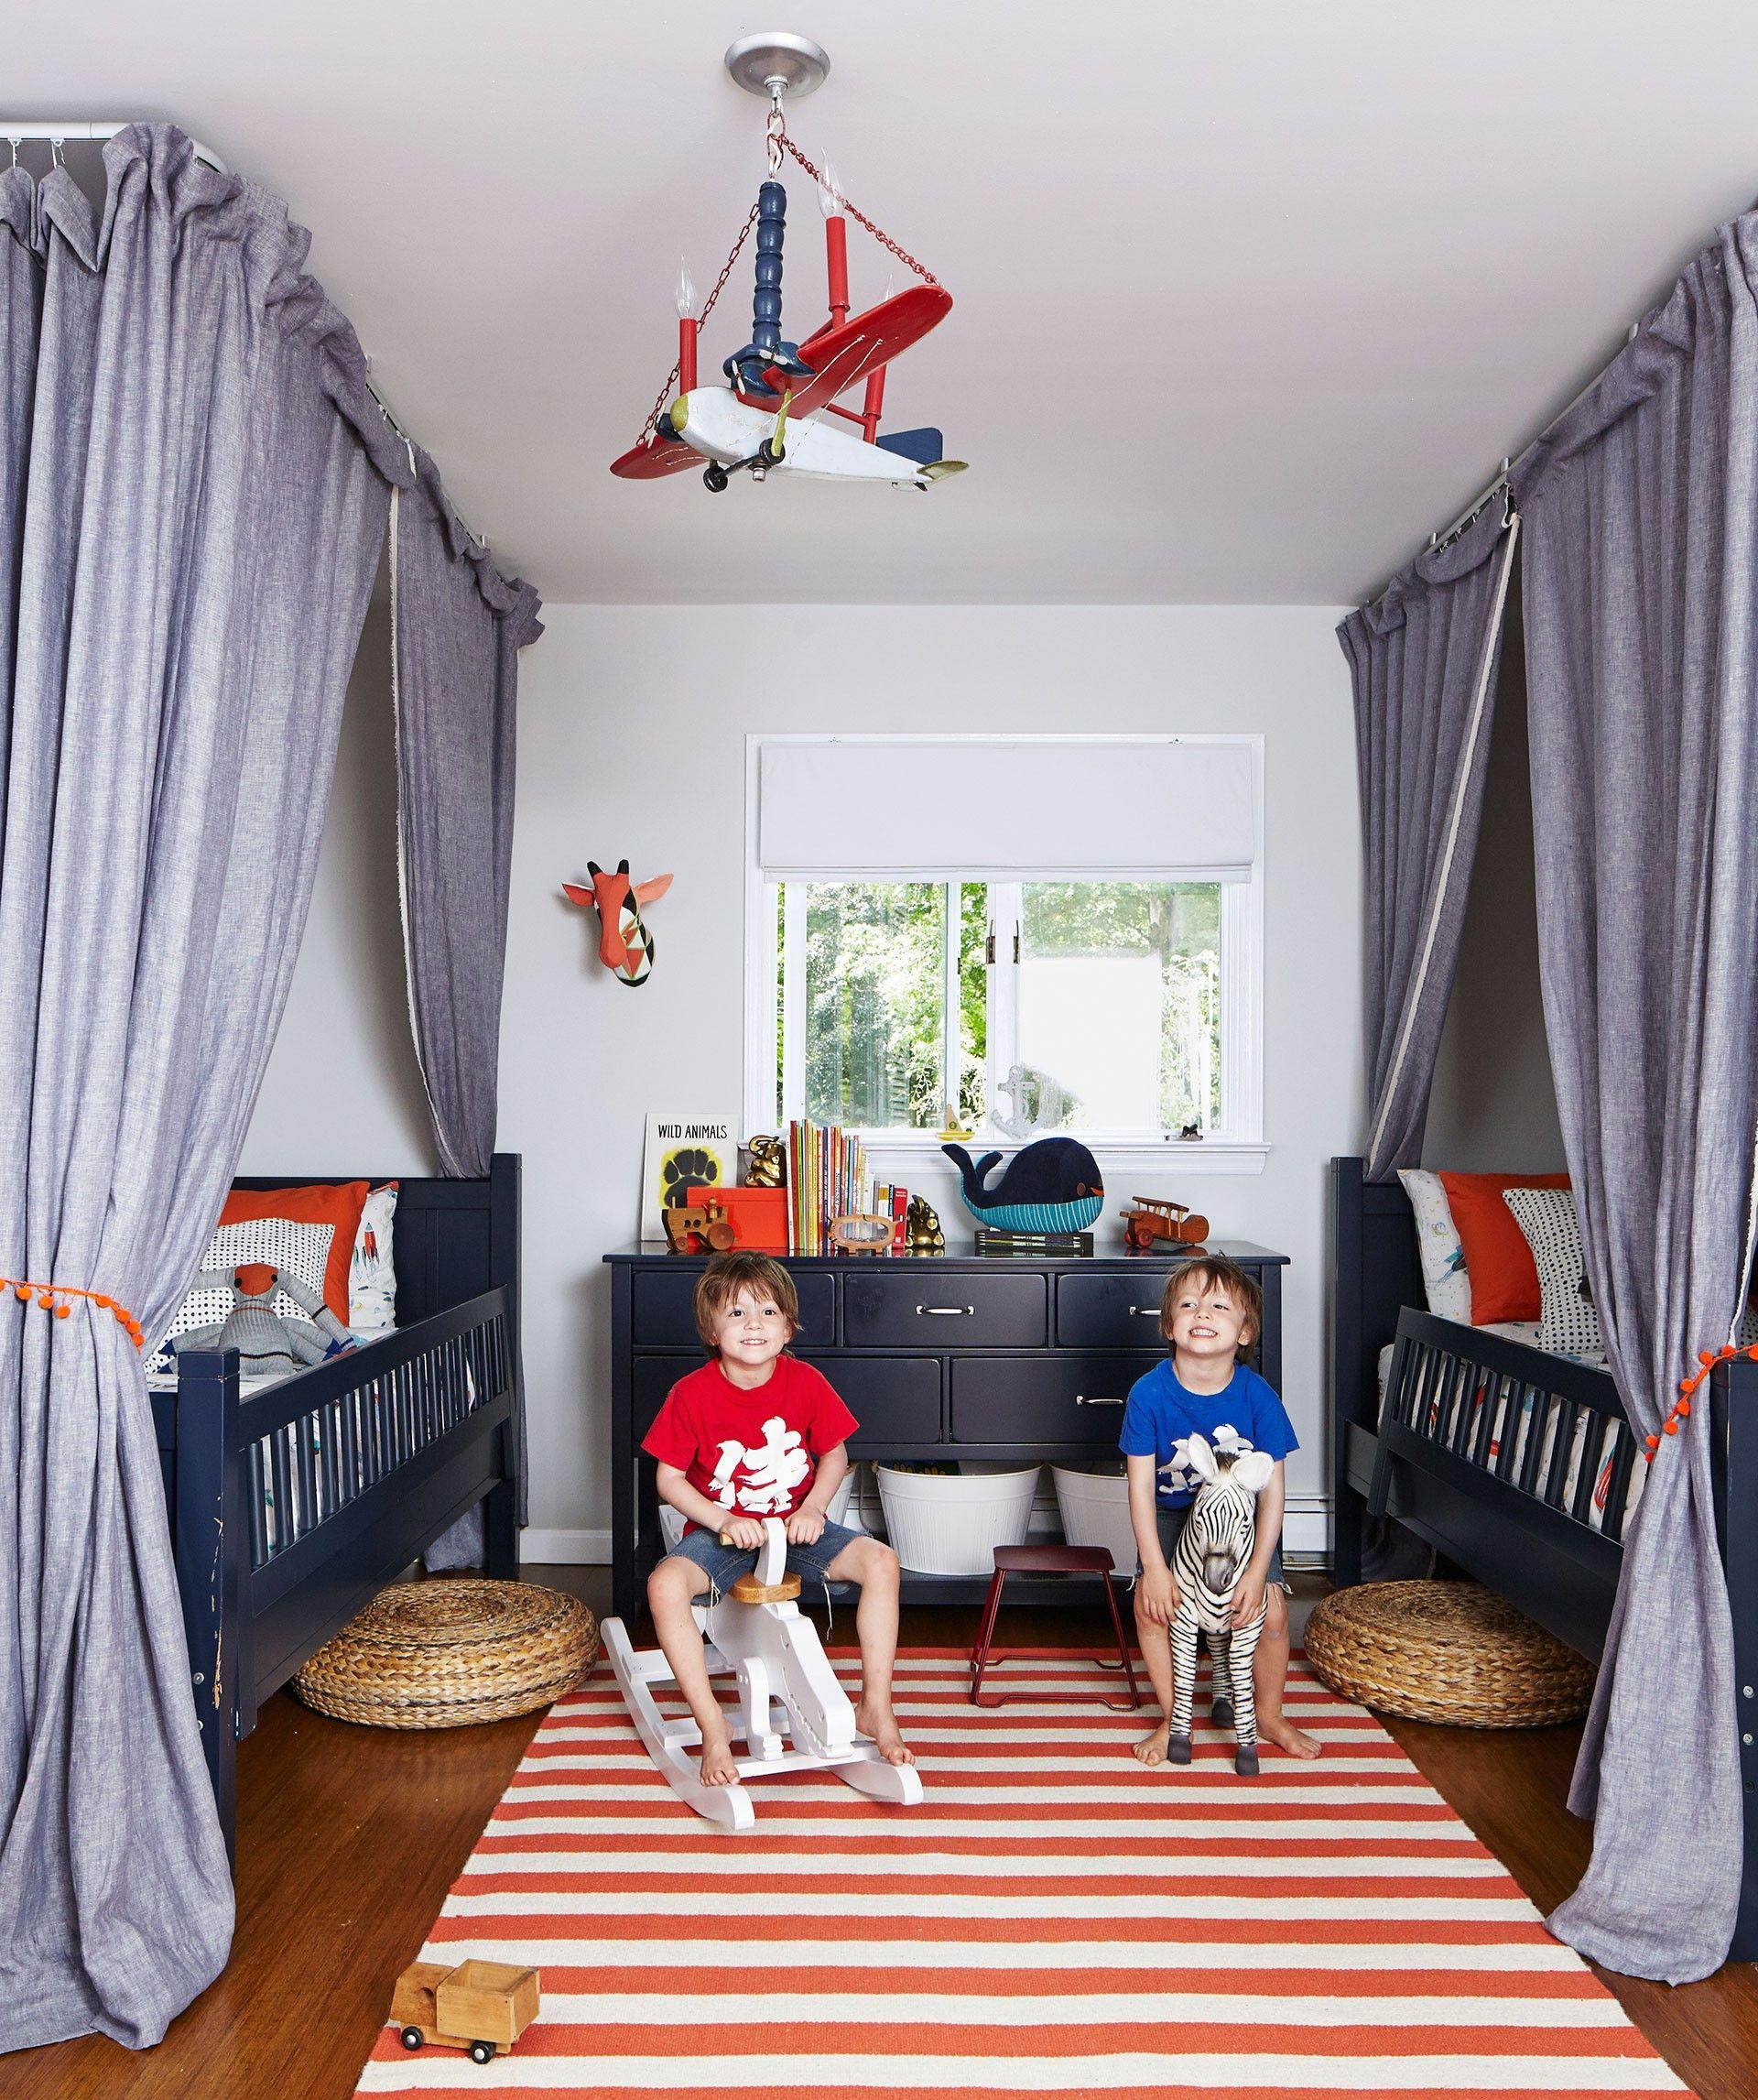 image result for kids room red trim elle decor kids rooms shared rh pinterest com